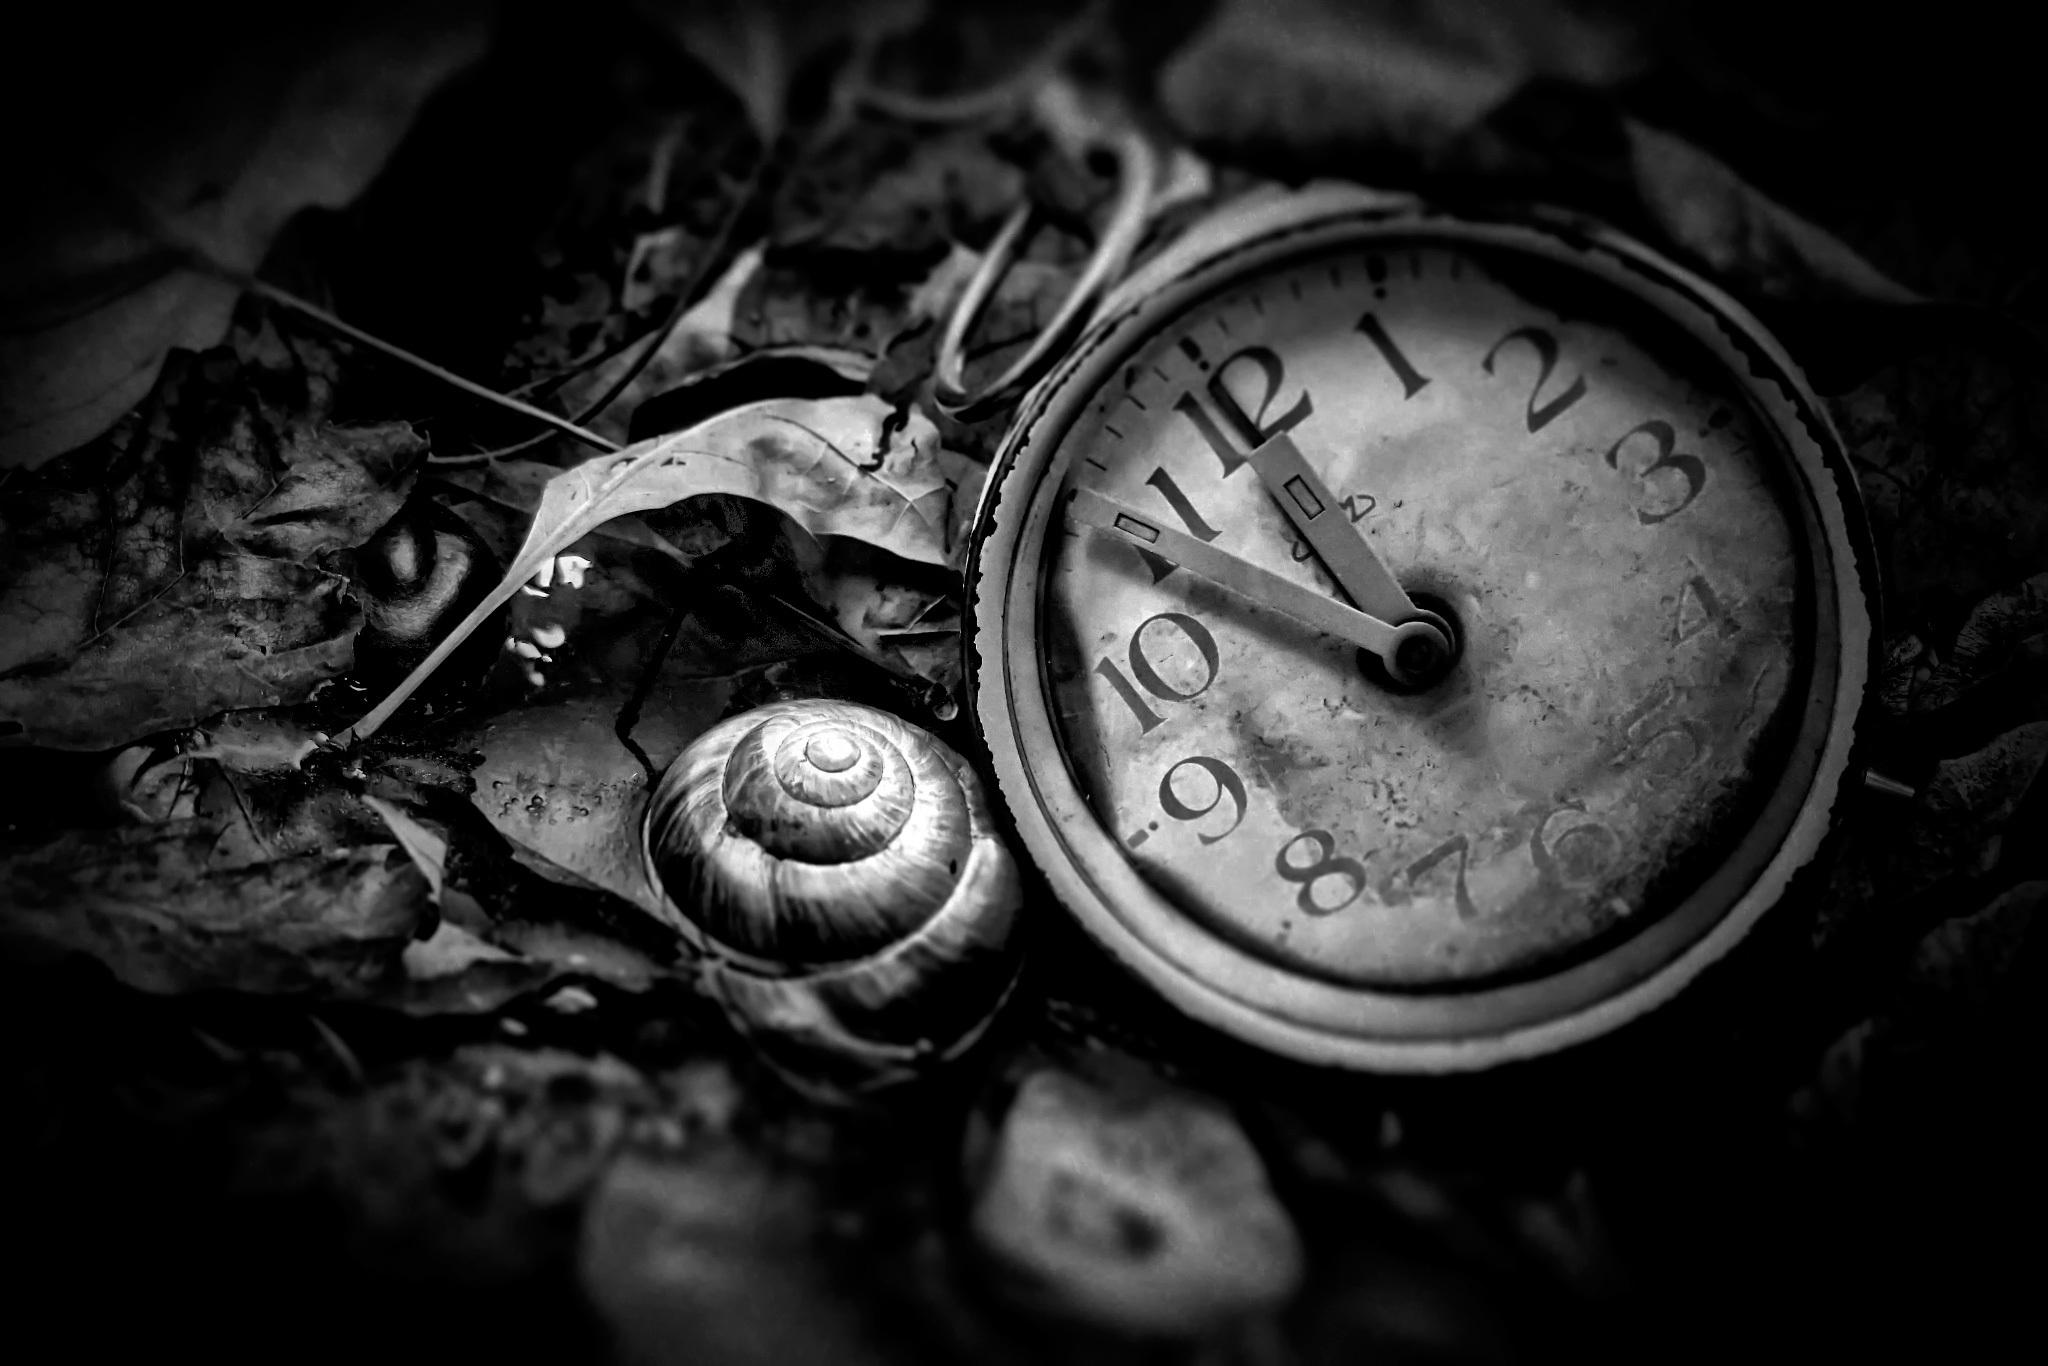 черно белые картинки часов внедорожный